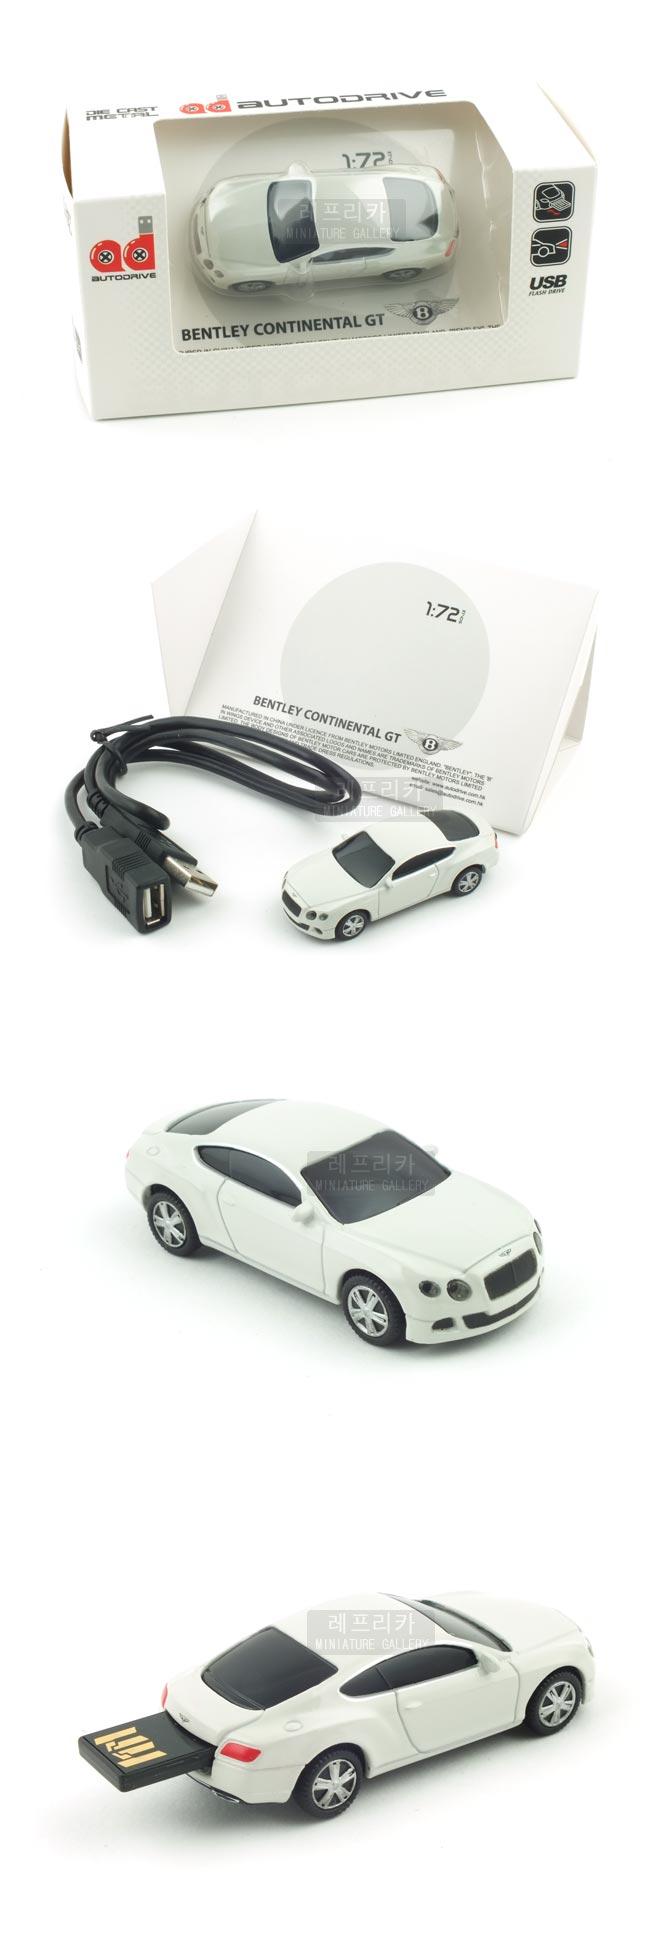 벤틀리 컨티넨탈 GT USB 16GB (WE002039WH) - 레프리카, 70,000원, 캐릭터형 USB 메모리, USB 16G